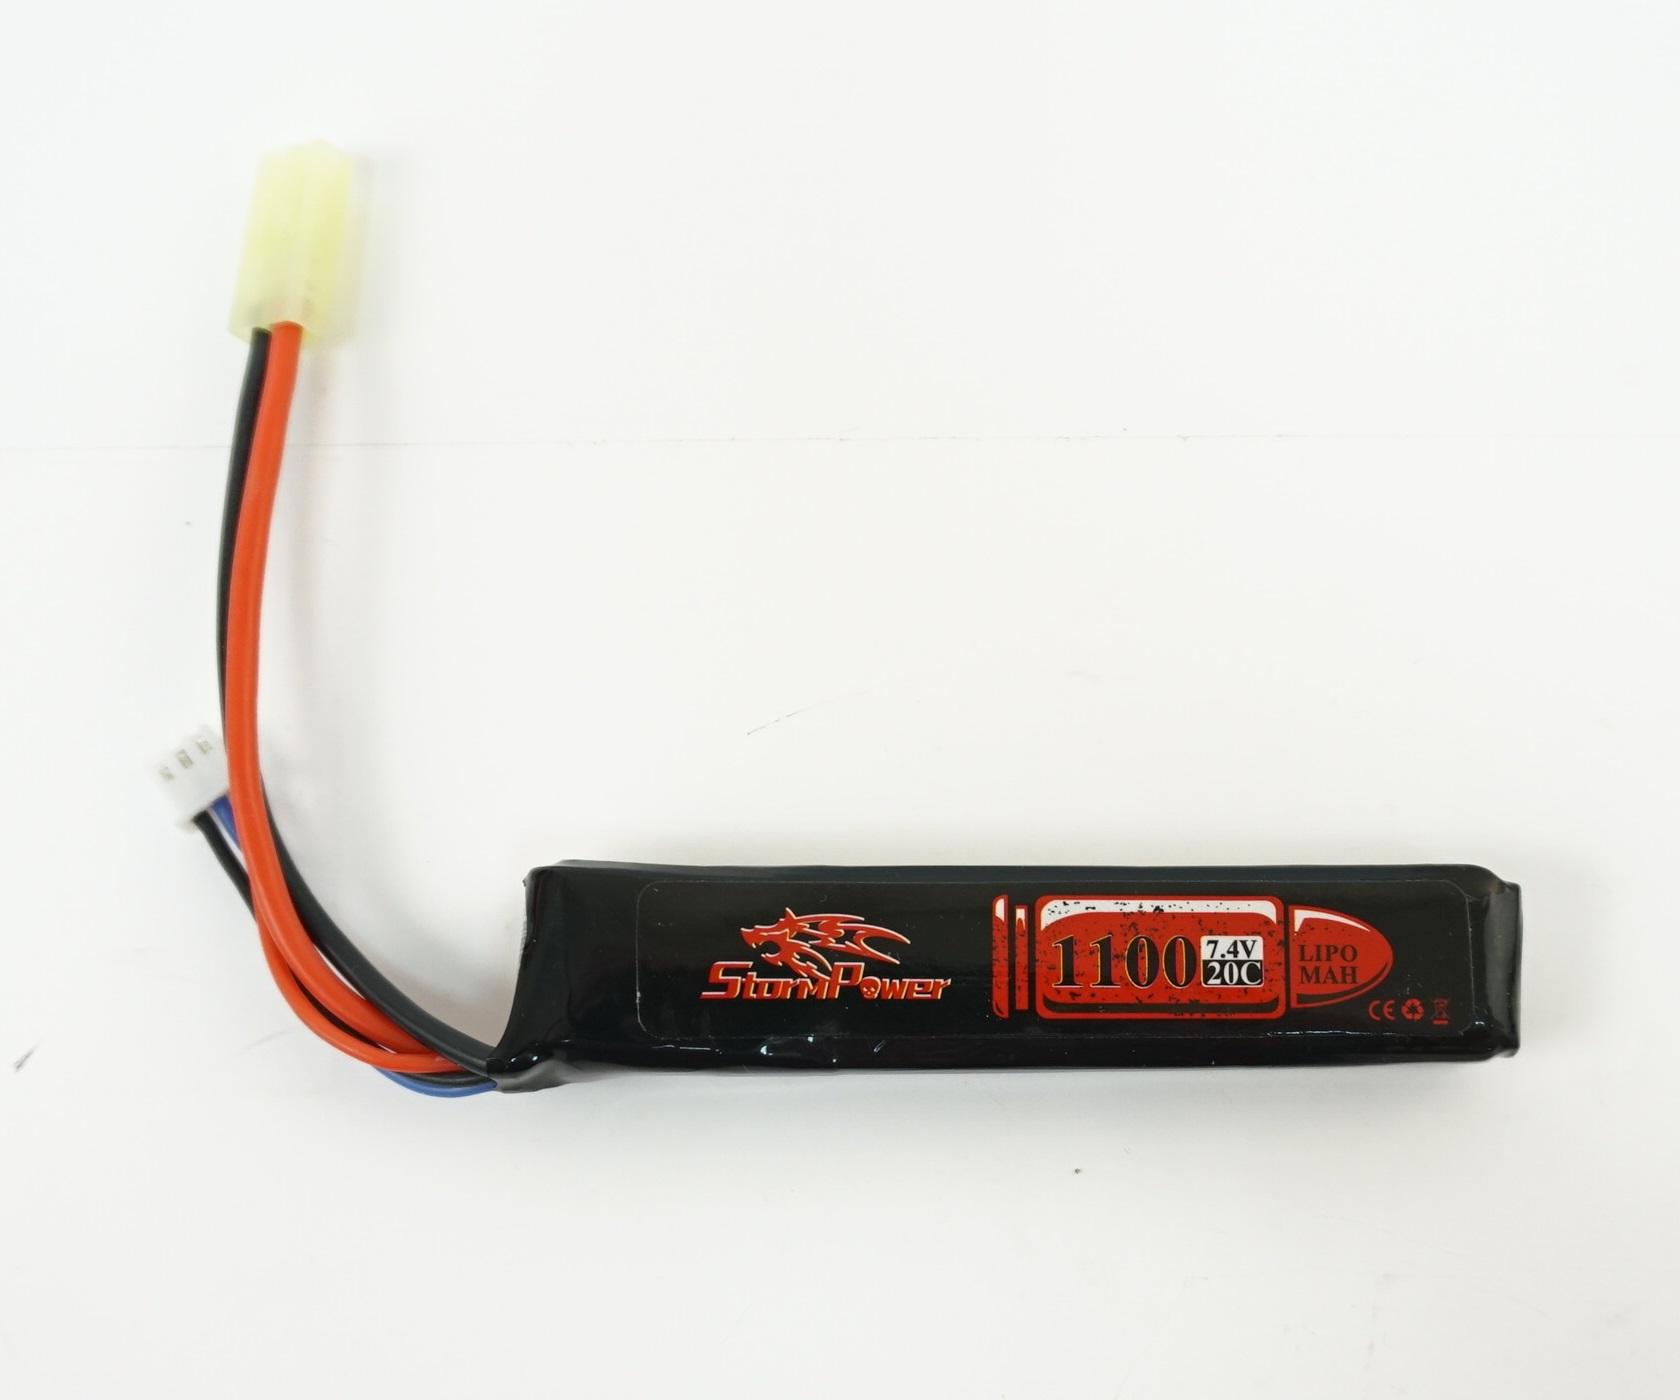 Аккумулятор Storm Power Li-Po 7.4V 1100mah 20C, 101x20x13 мм (SP-010)